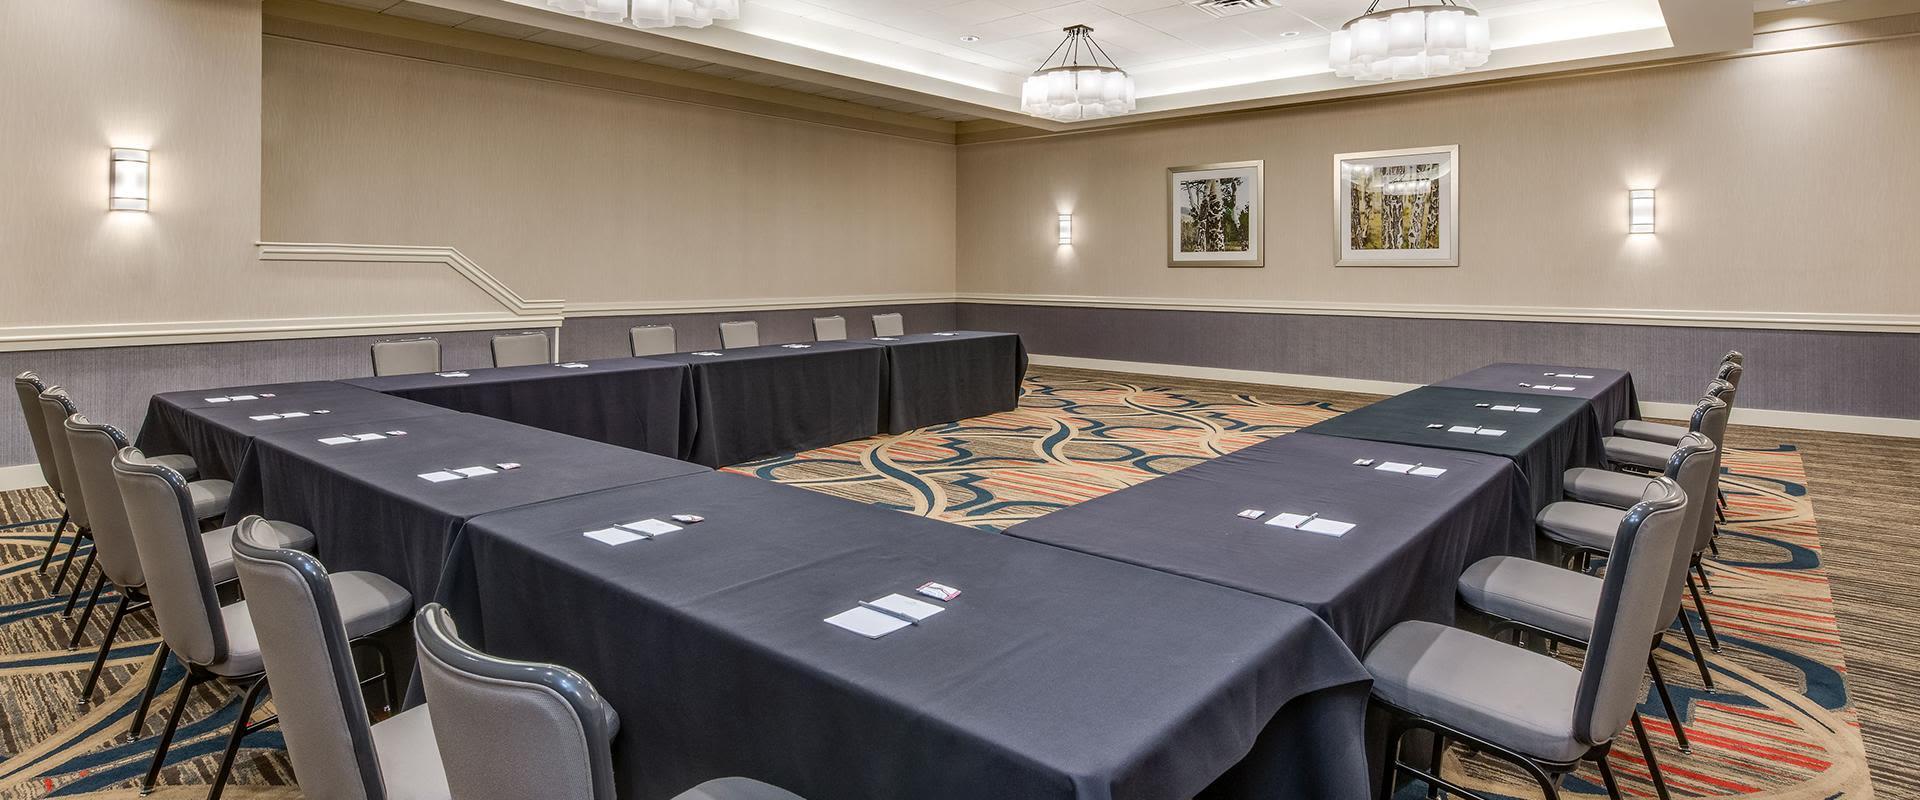 Denver Conference Setup With Desk